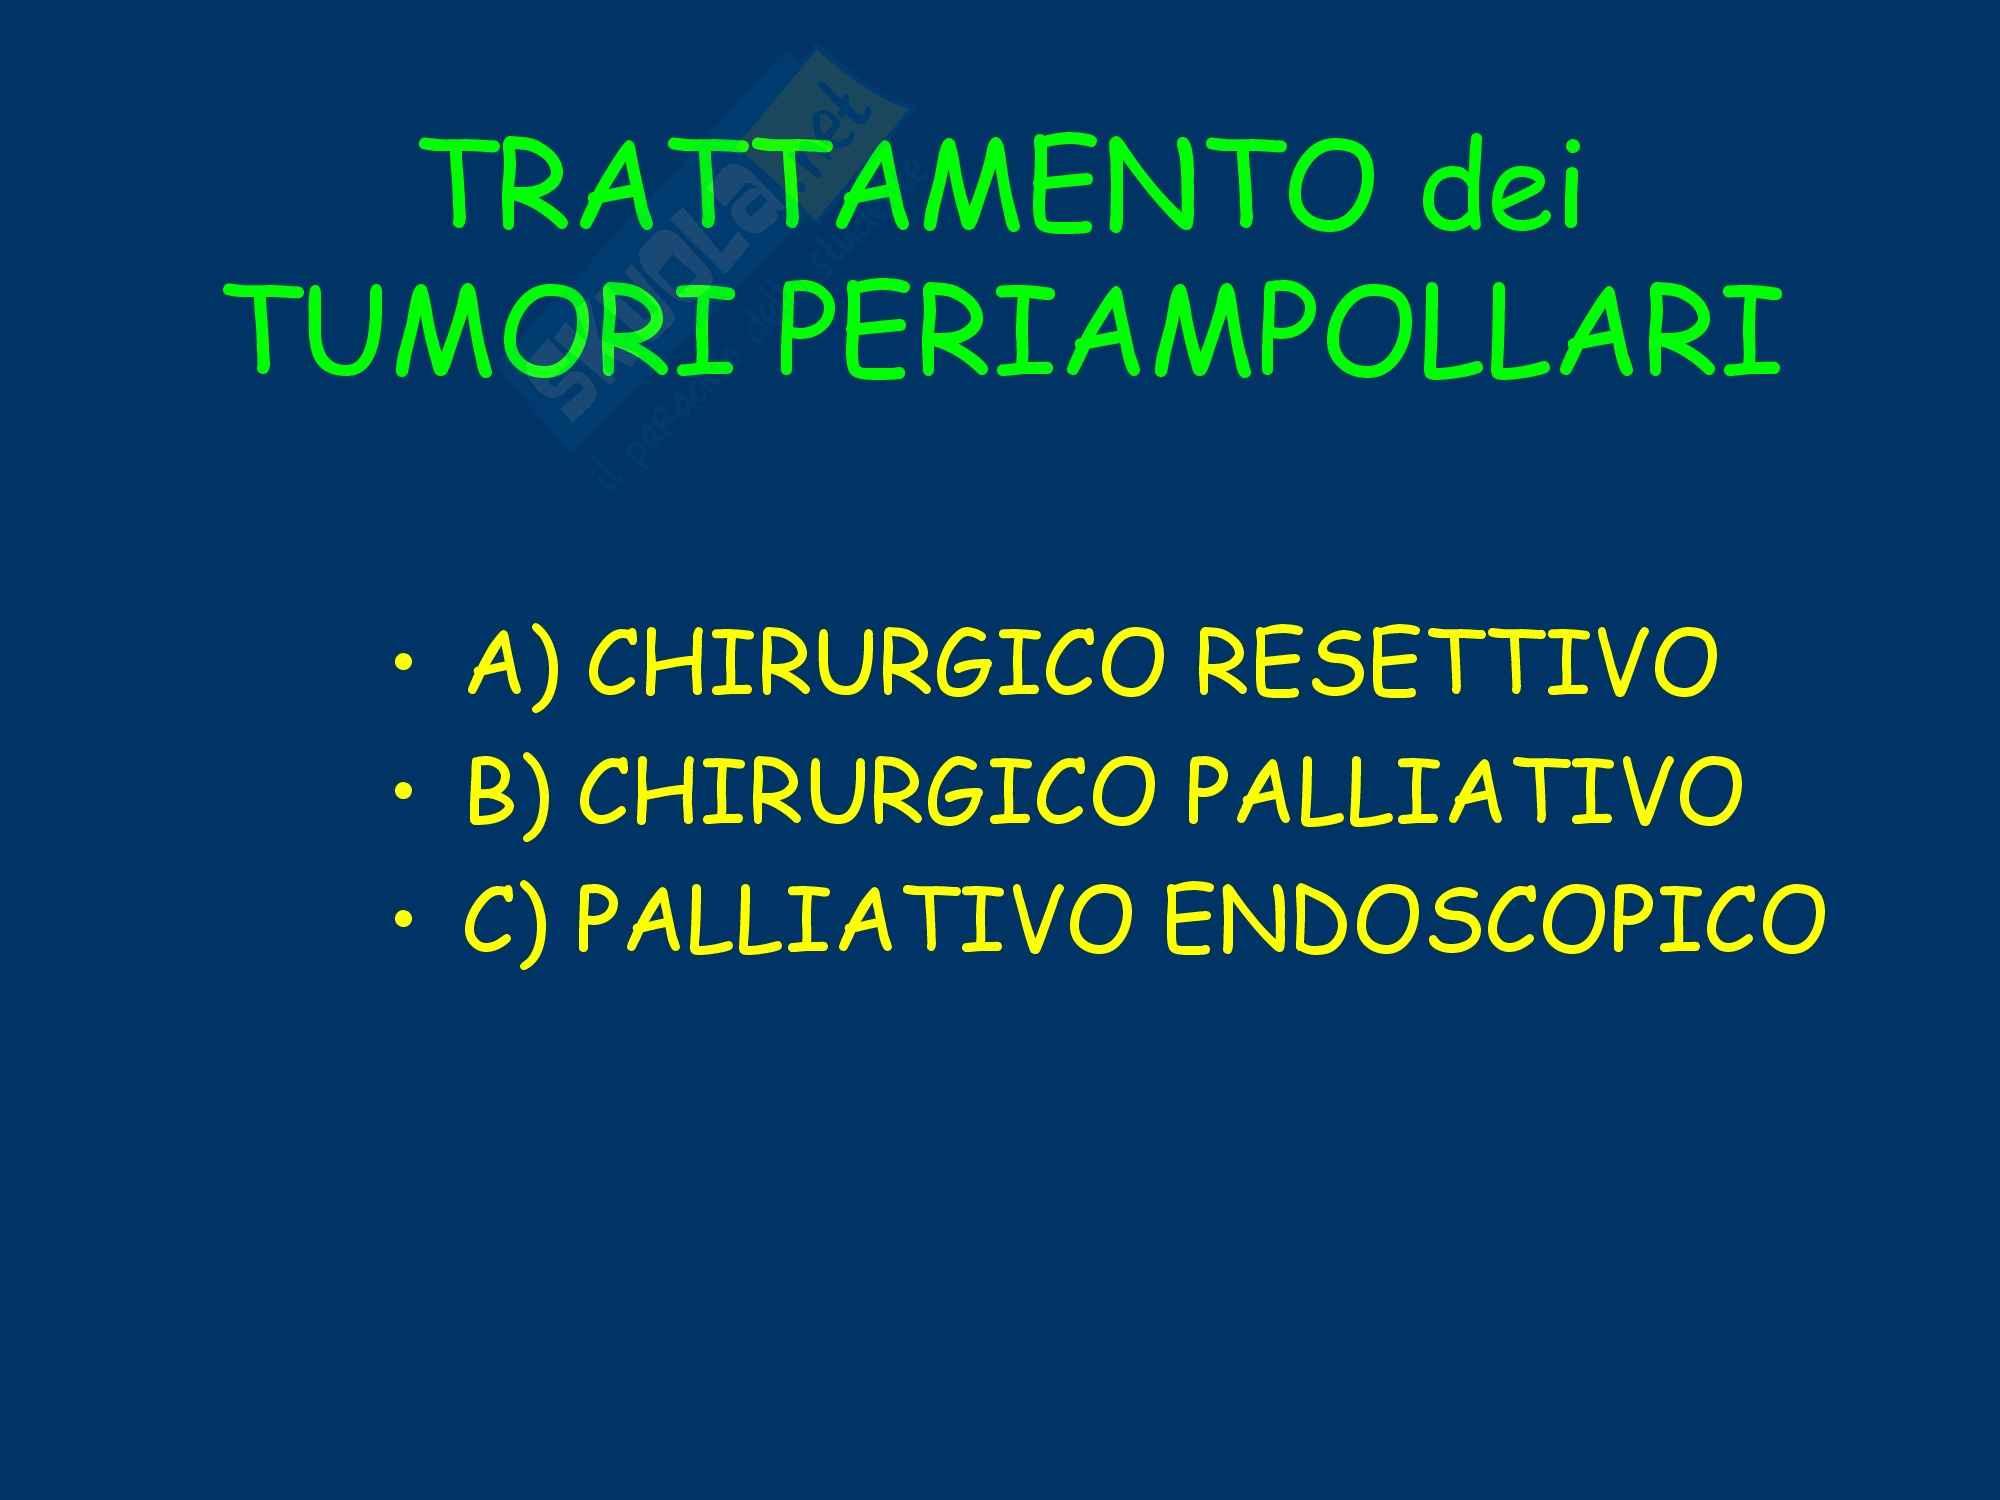 Ittero - Semeiotica Chirurgica Pag. 31